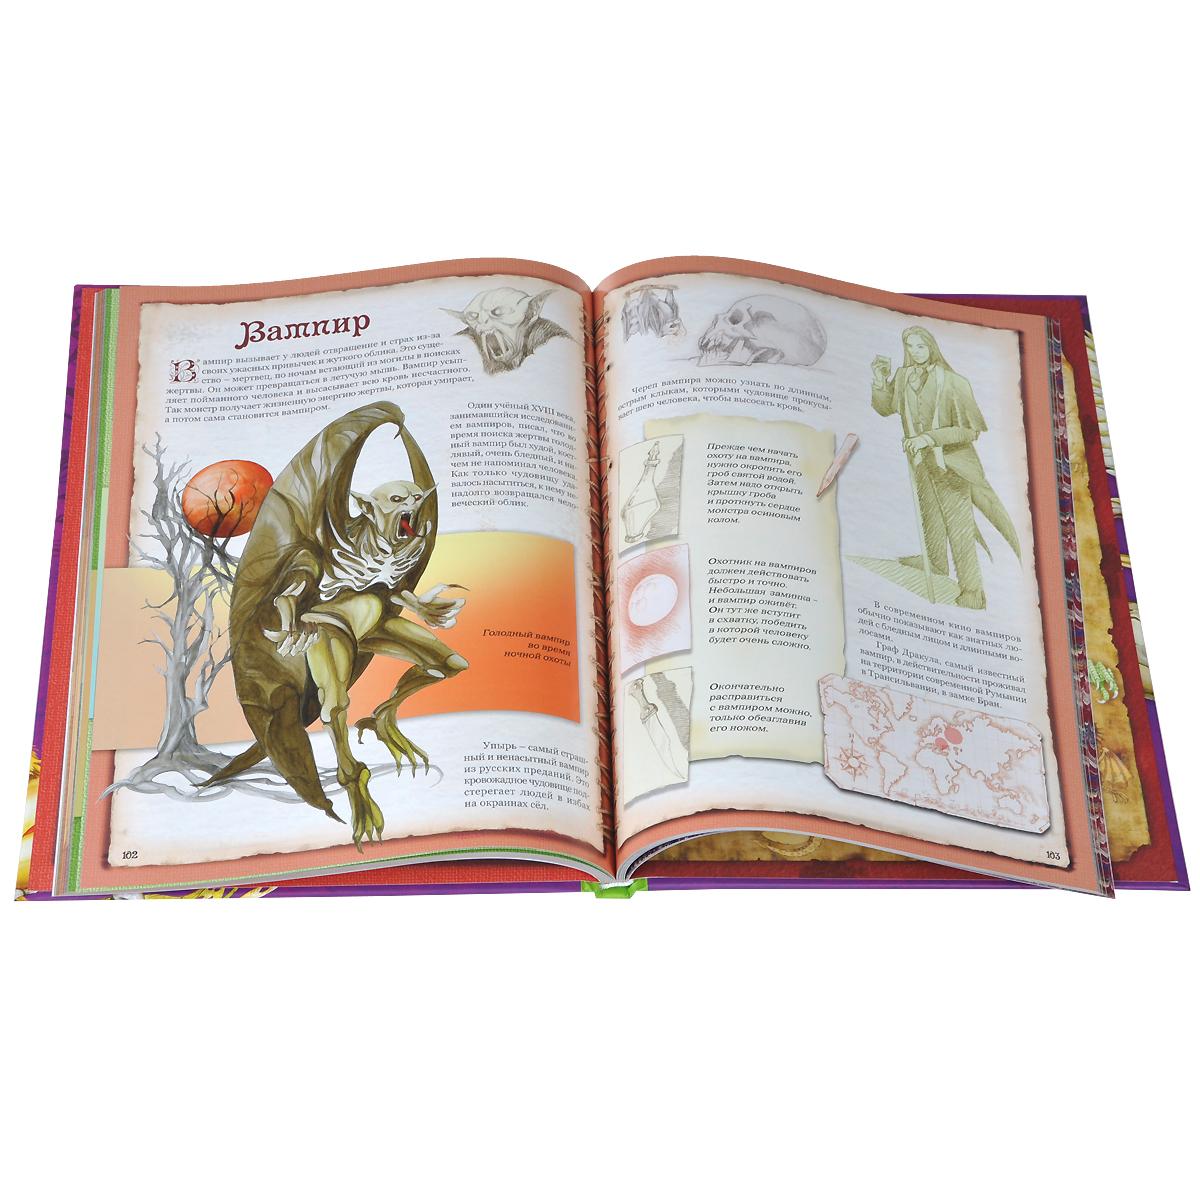 Энциклопедия с картинками мифических существ плечами известного